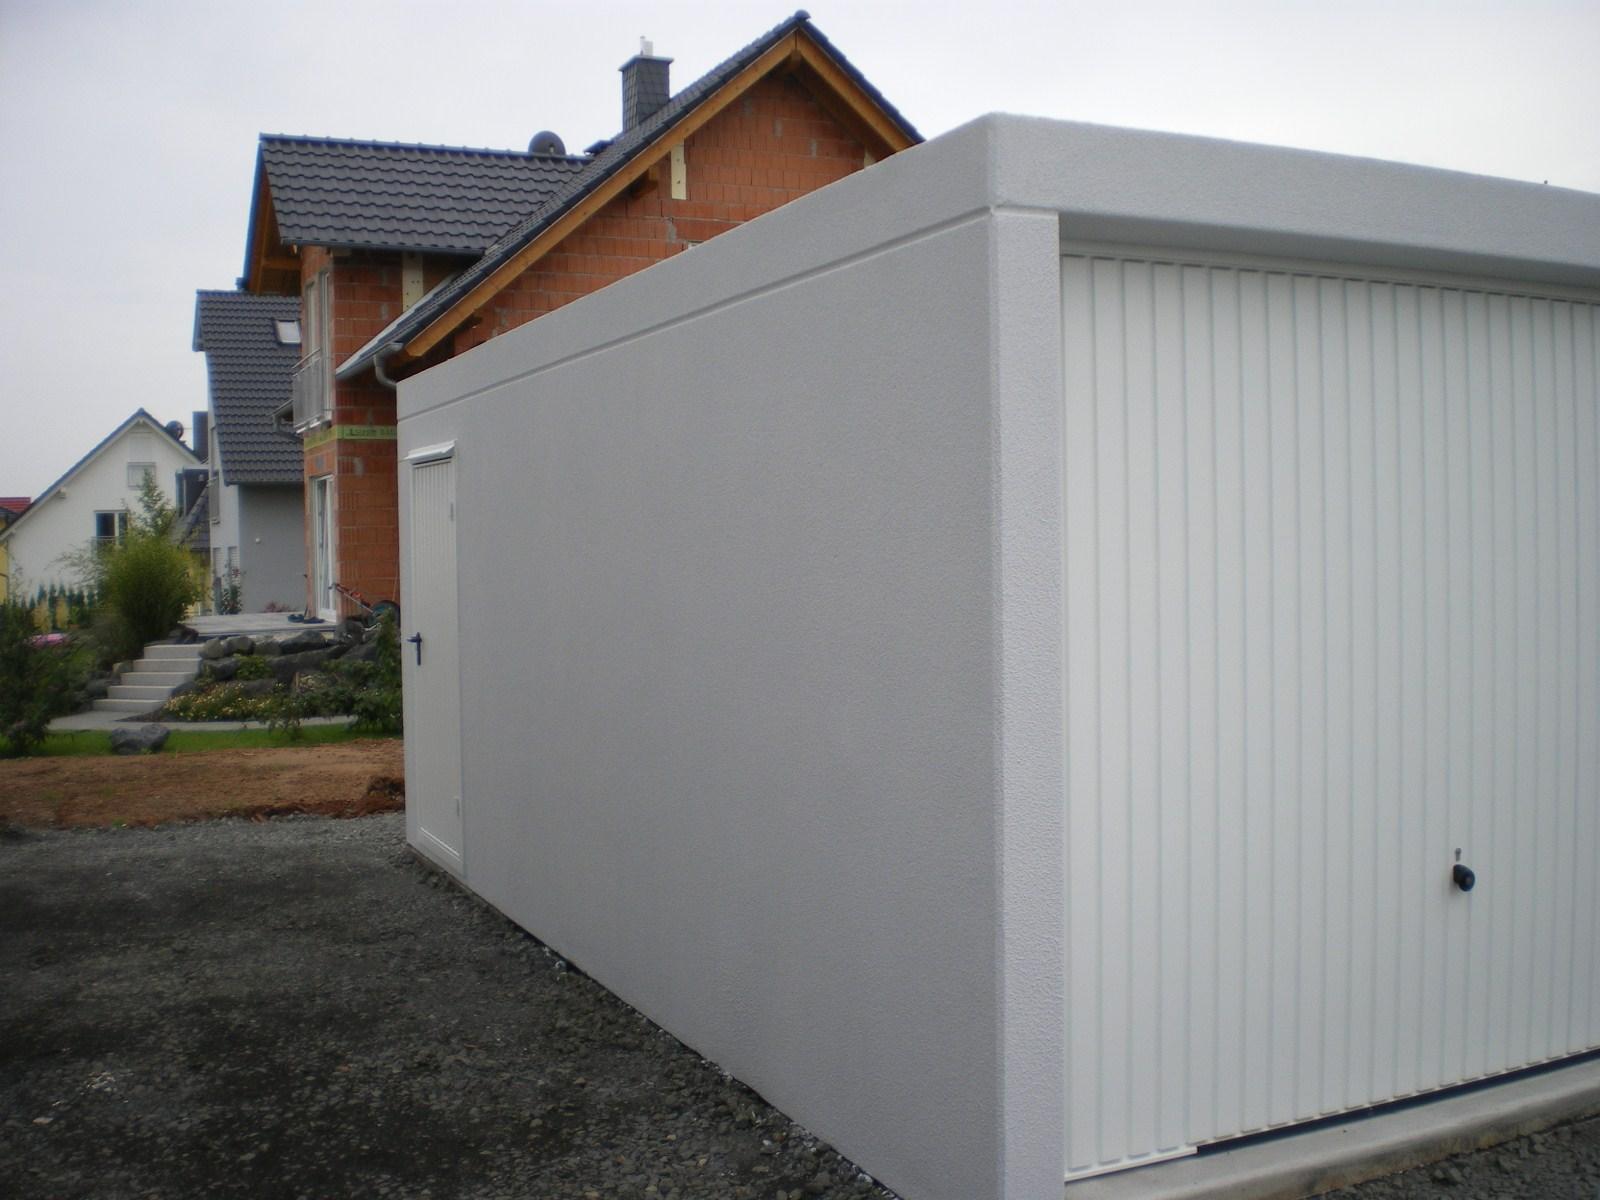 Perfect Die Garage Ist Zwar Da, Wurde Aber Noch Nicht Farbig Angelegt. Dies Wurde  Aber Heute Nachgeholt.